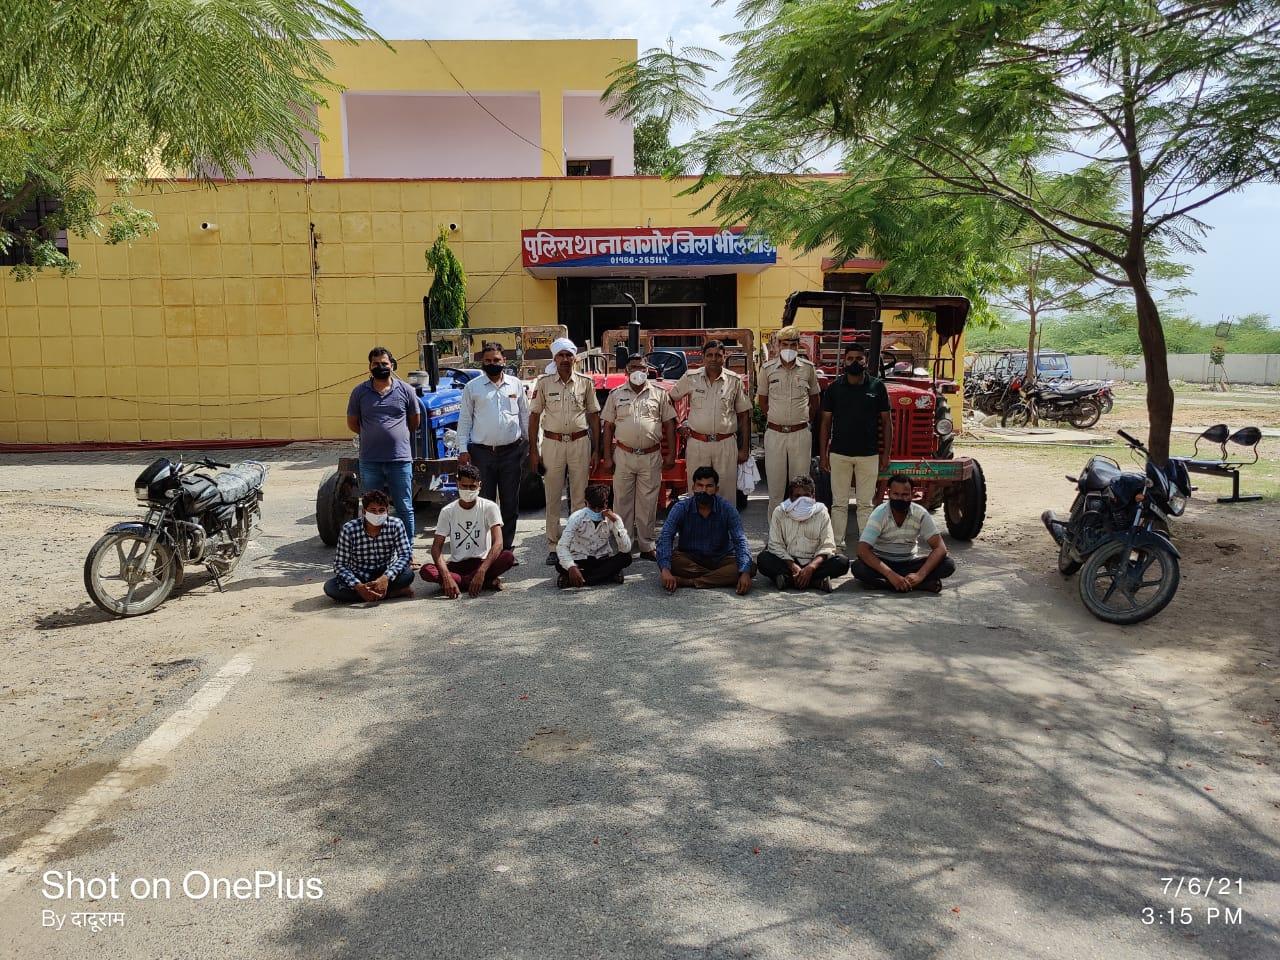 वारदात में इस्तेमाल किए गए तीन ट्रैक्टर और दो मोटरसाइकिल भी बरामद, आरोपियों के खिलाफ पहले कभी भी कोई आपराधिक मामला दर्ज नहीं राजस्थान,Rajasthan - Dainik Bhaskar